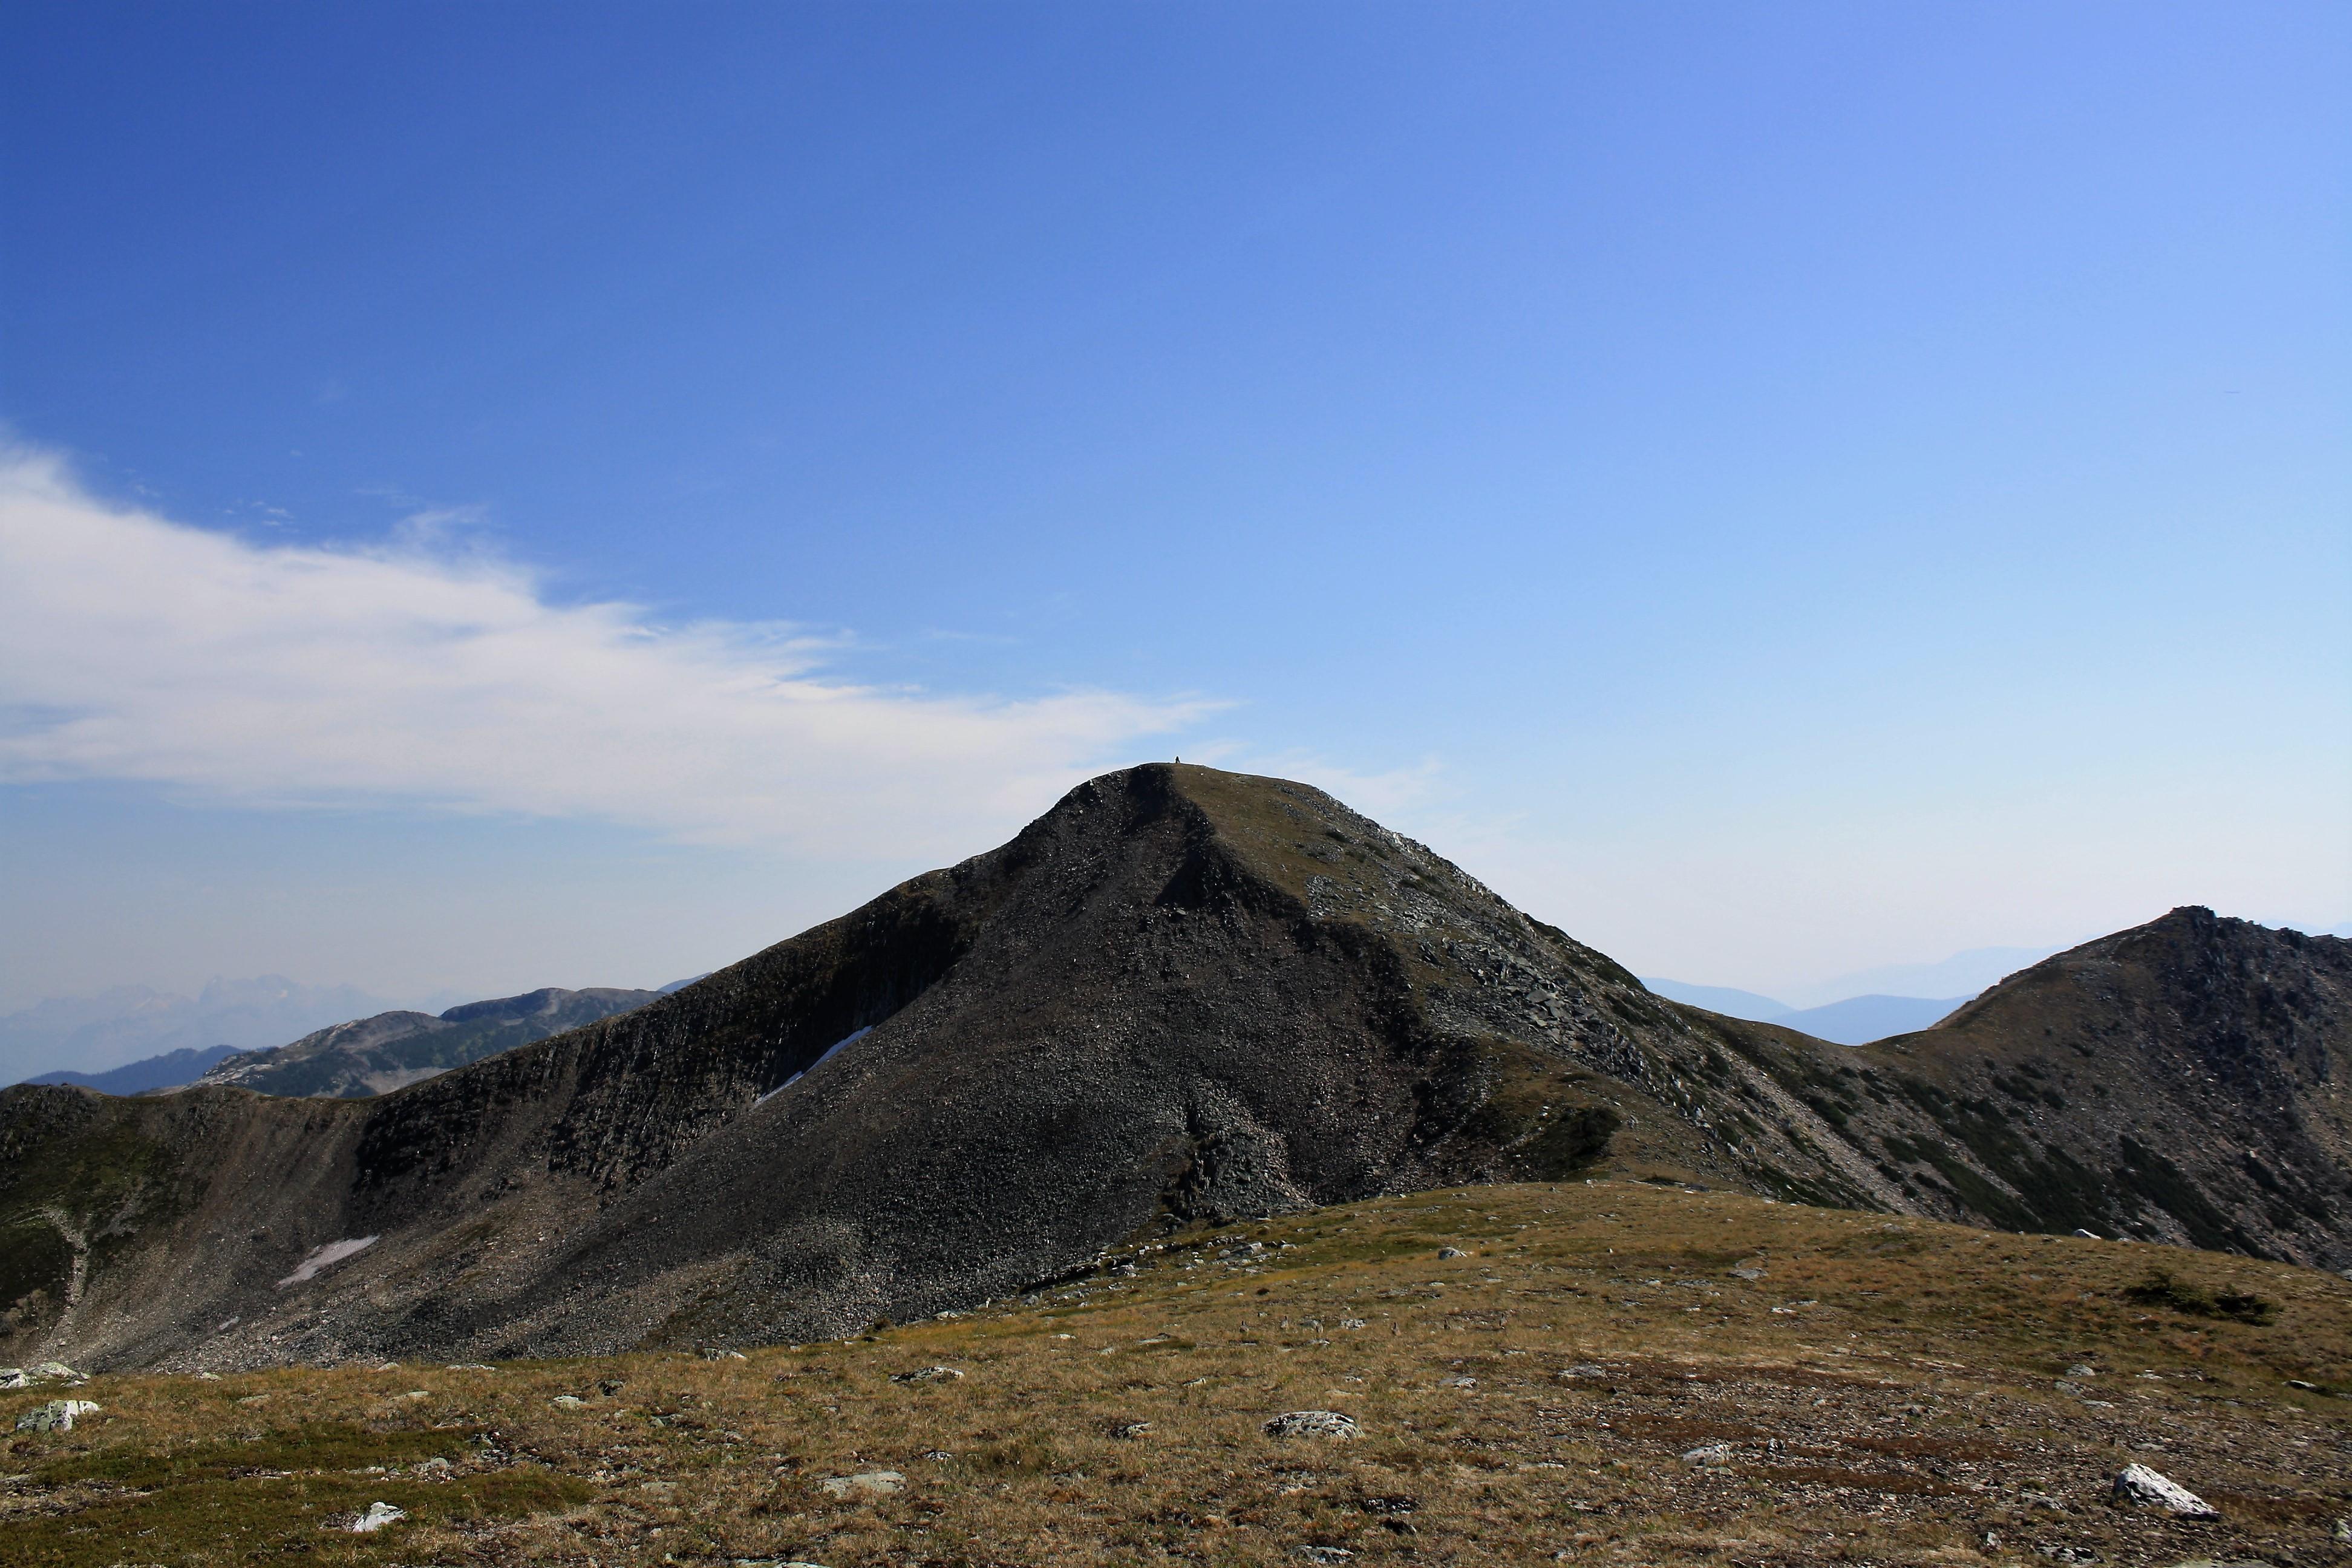 DM_nature_landscape_fangmountain_6809